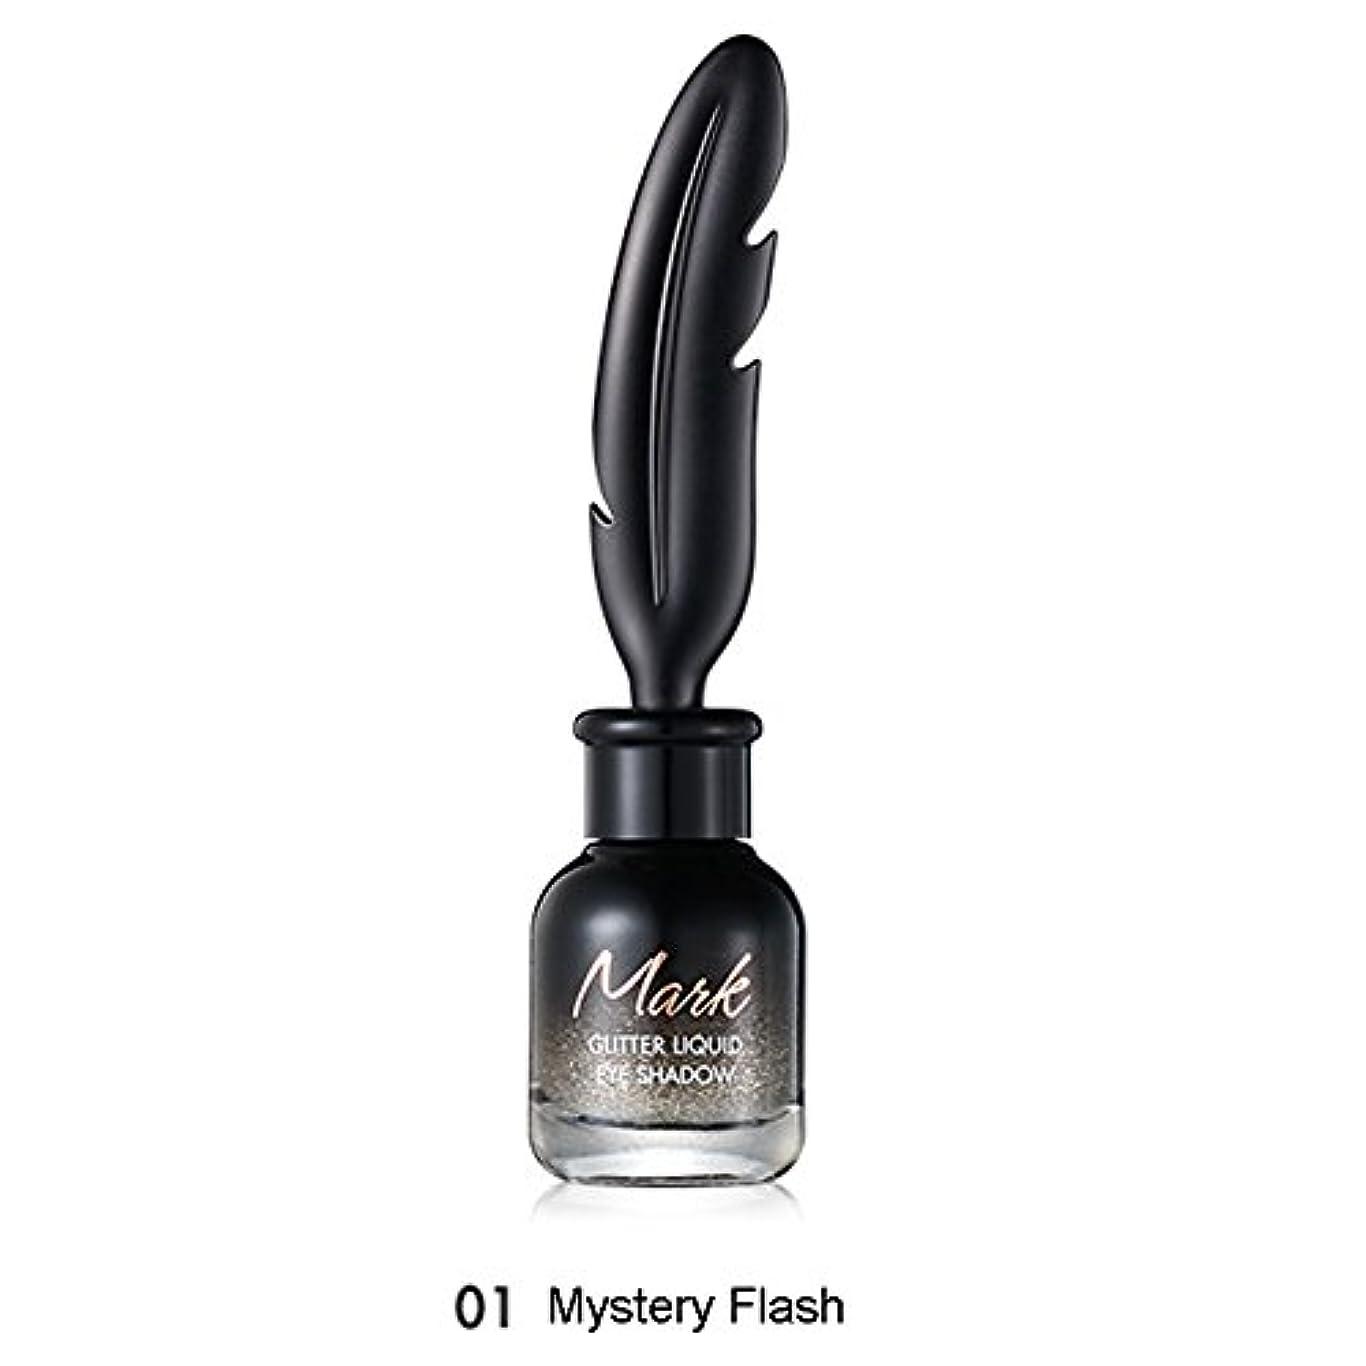 ラケット採用ラフトトニモリー TONYMOLY Mark Glitter Liquid Eye Shadow #01 Mystery Flash